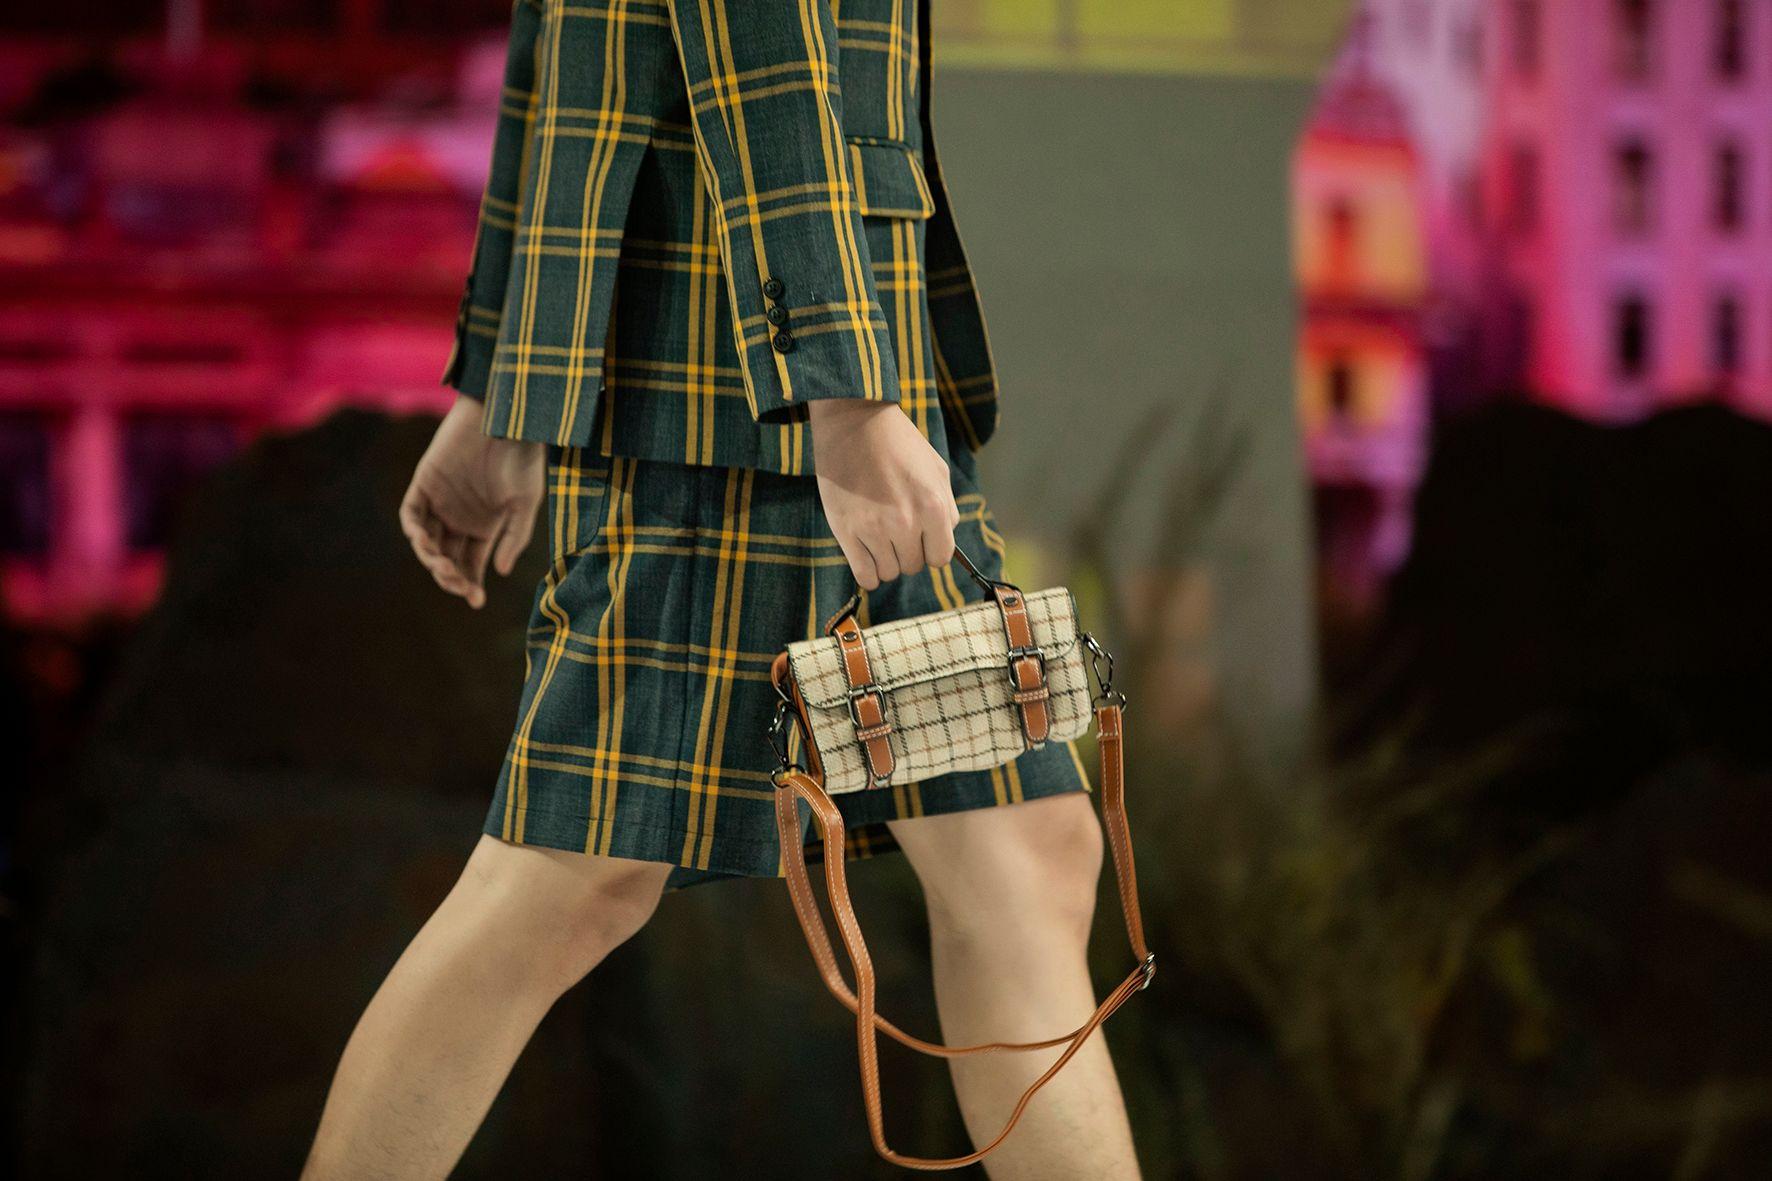 """HH Hương Giang tái xuất sàn catwalk với hình ảnh """"công chúa rừng xanh"""", kết màn cho Tuần lễ thời trang Trẻ em 2020 - Ảnh 7."""